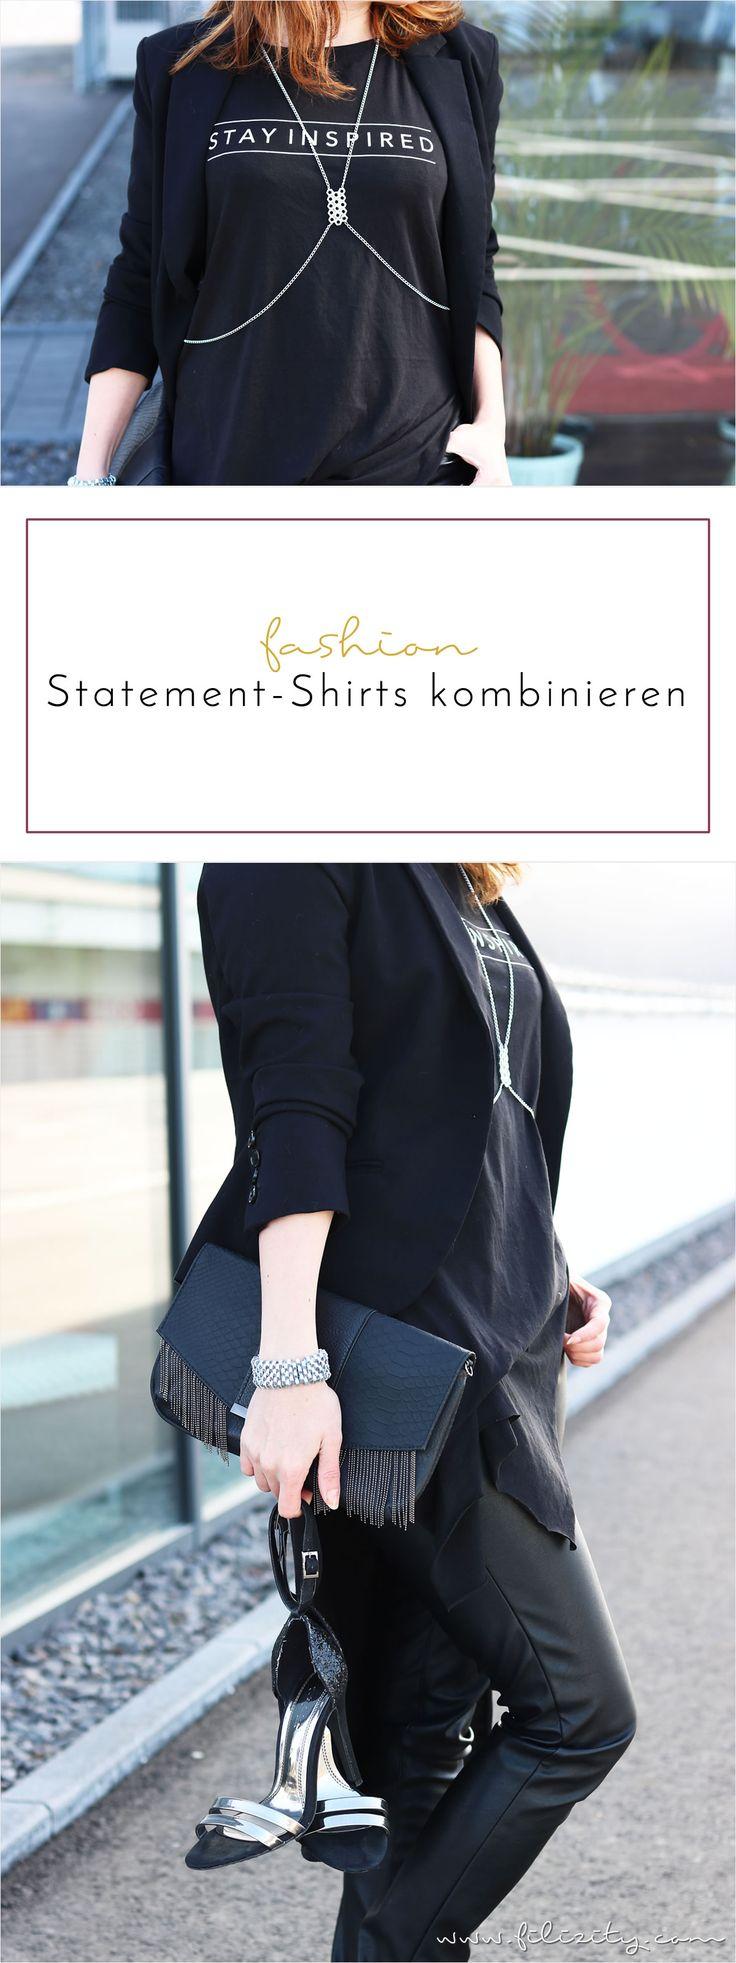 Botschaft übermitteln ganz ohne Worte: Statement-Shirts sind wieder voll im Trend. So kombiniert ihr die modischen Hingucker stilsicher.